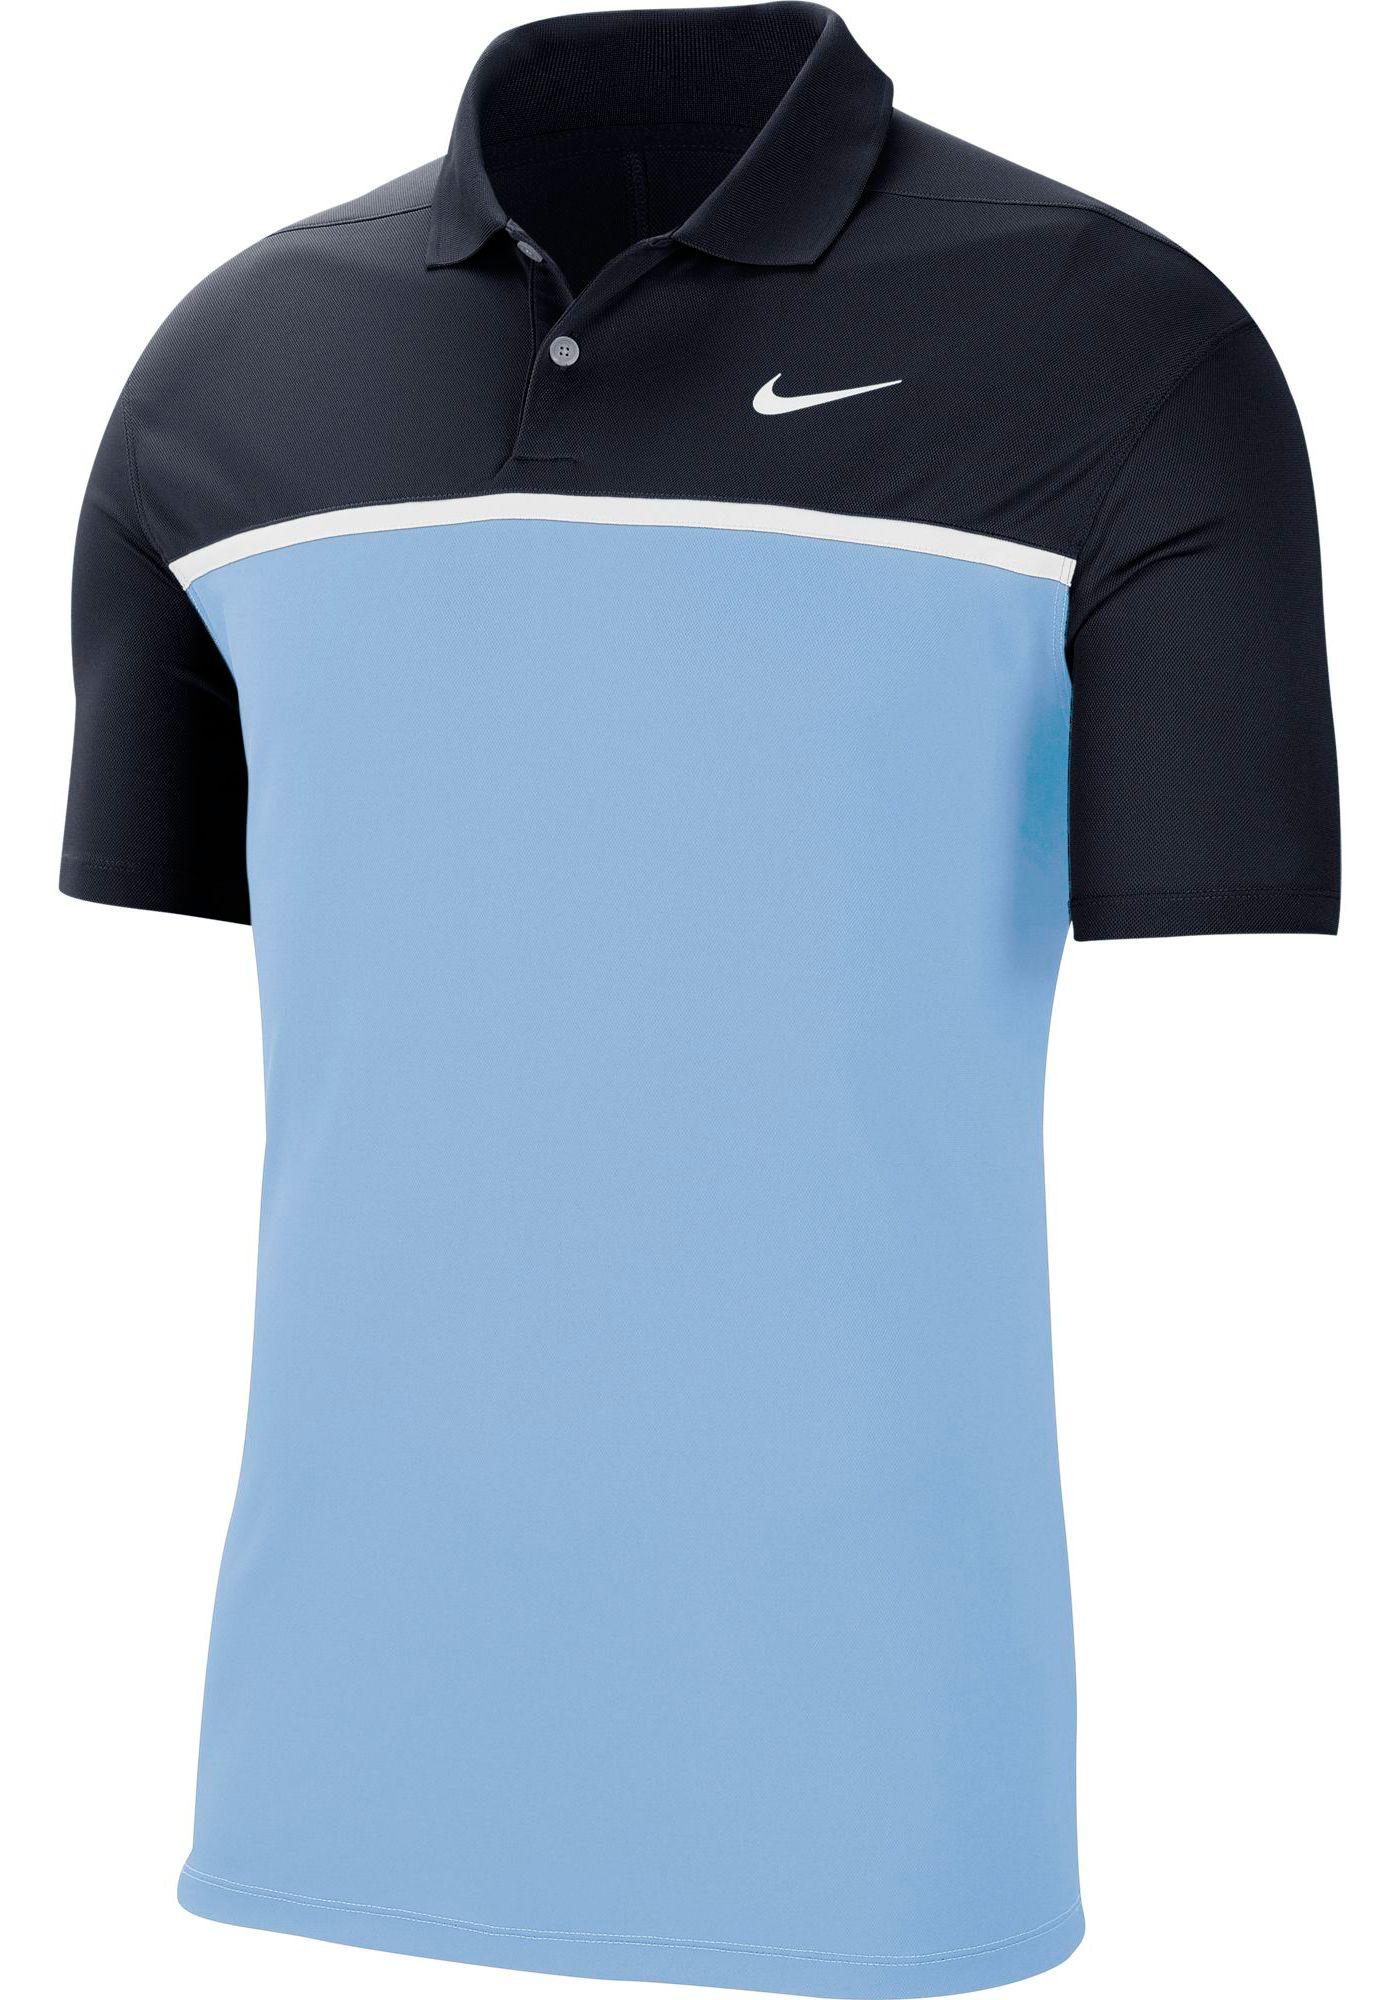 Nike Men's Dri-FIT Victory Color Block Golf Polo